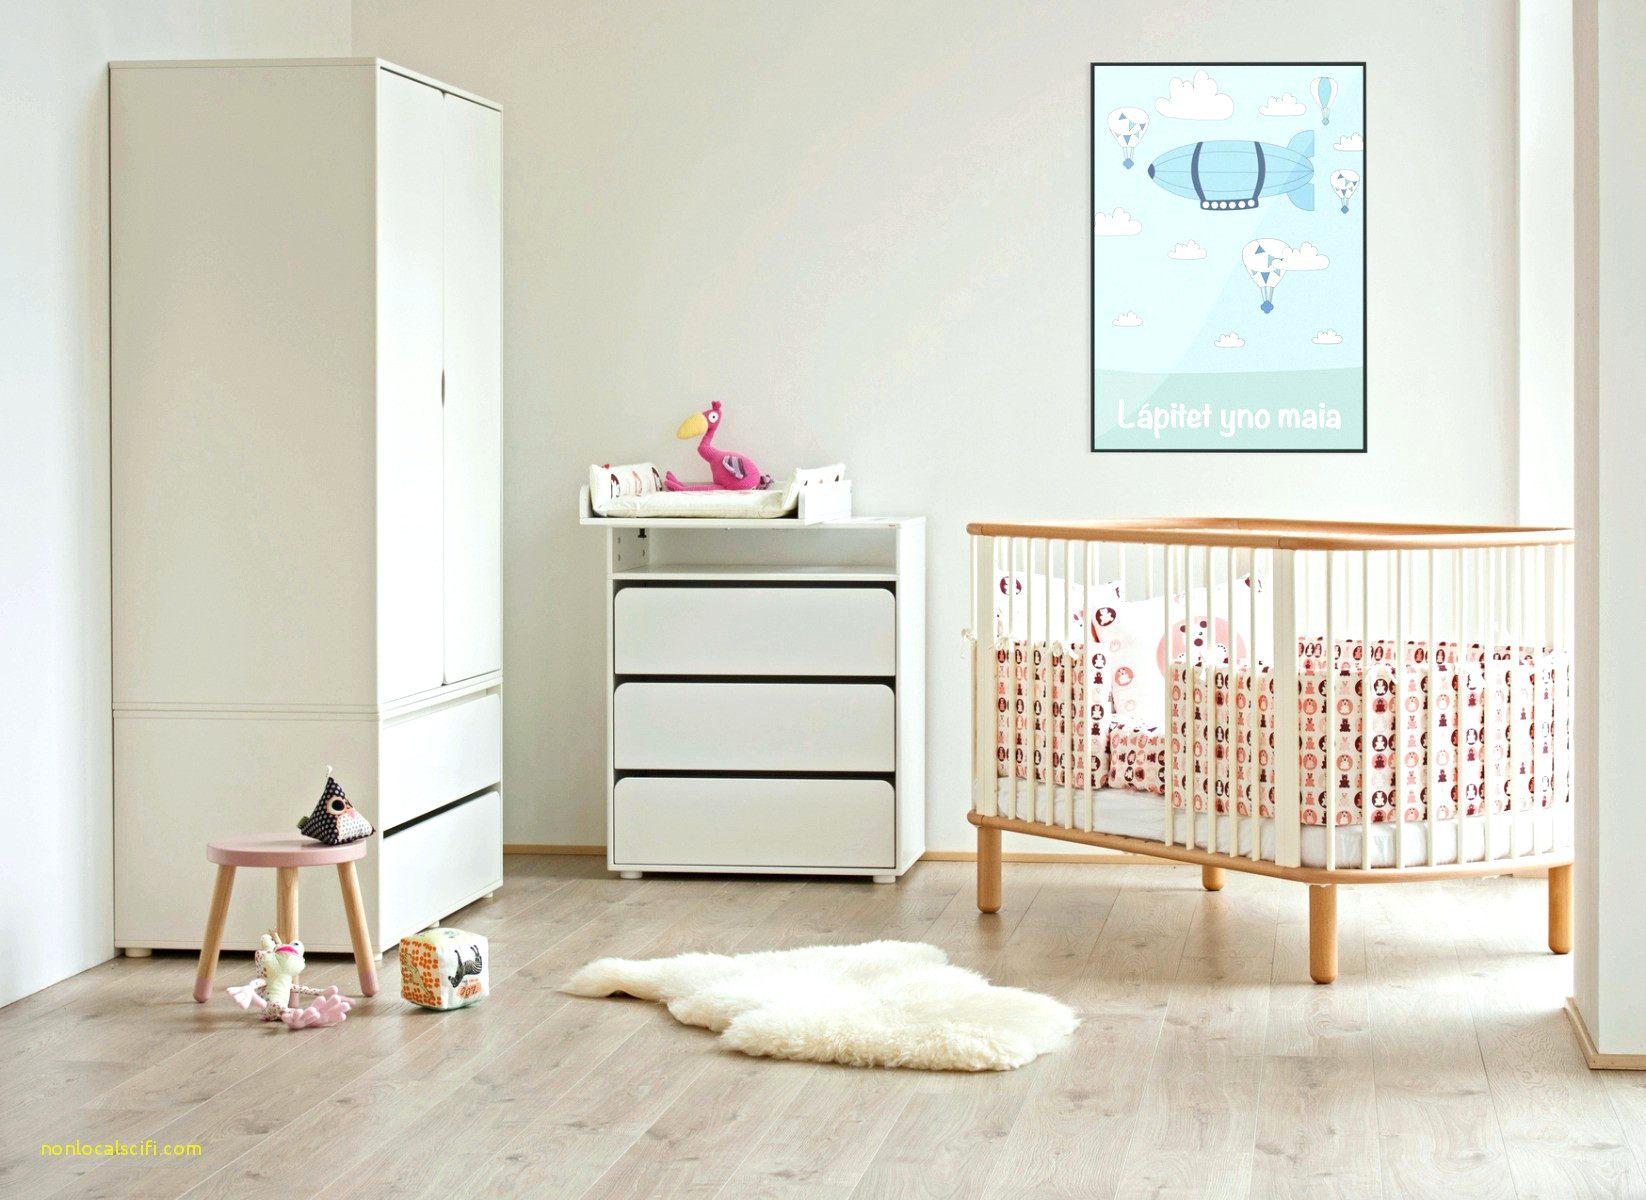 Lit D Enfant Agréable Tete De Lit Pour Lit Simple Beau S Adorable Banquette Chambre